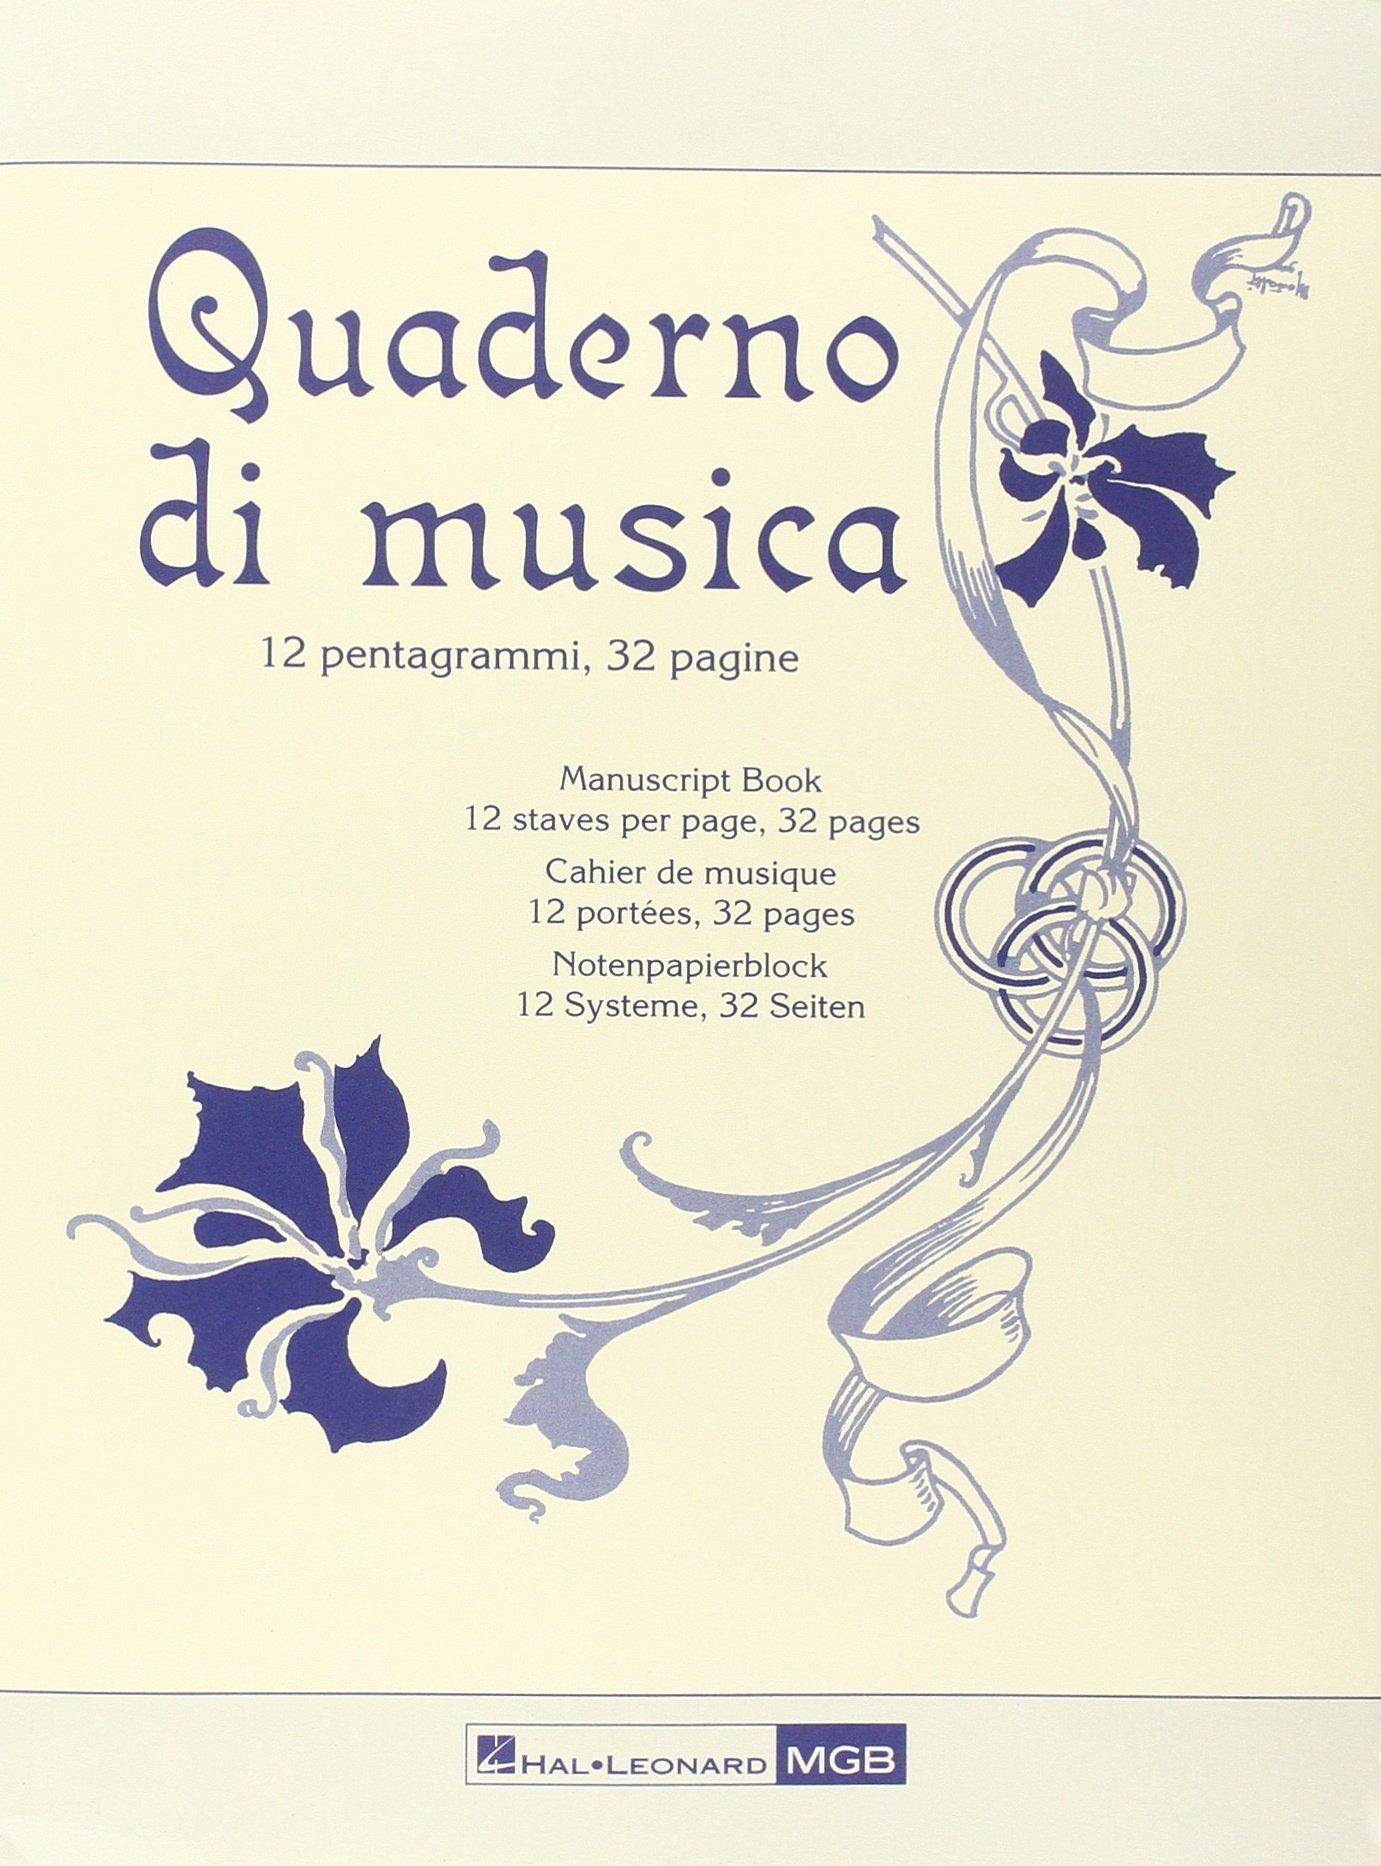 Quaderno Musica 32 Pagine Quaderni Di Musica